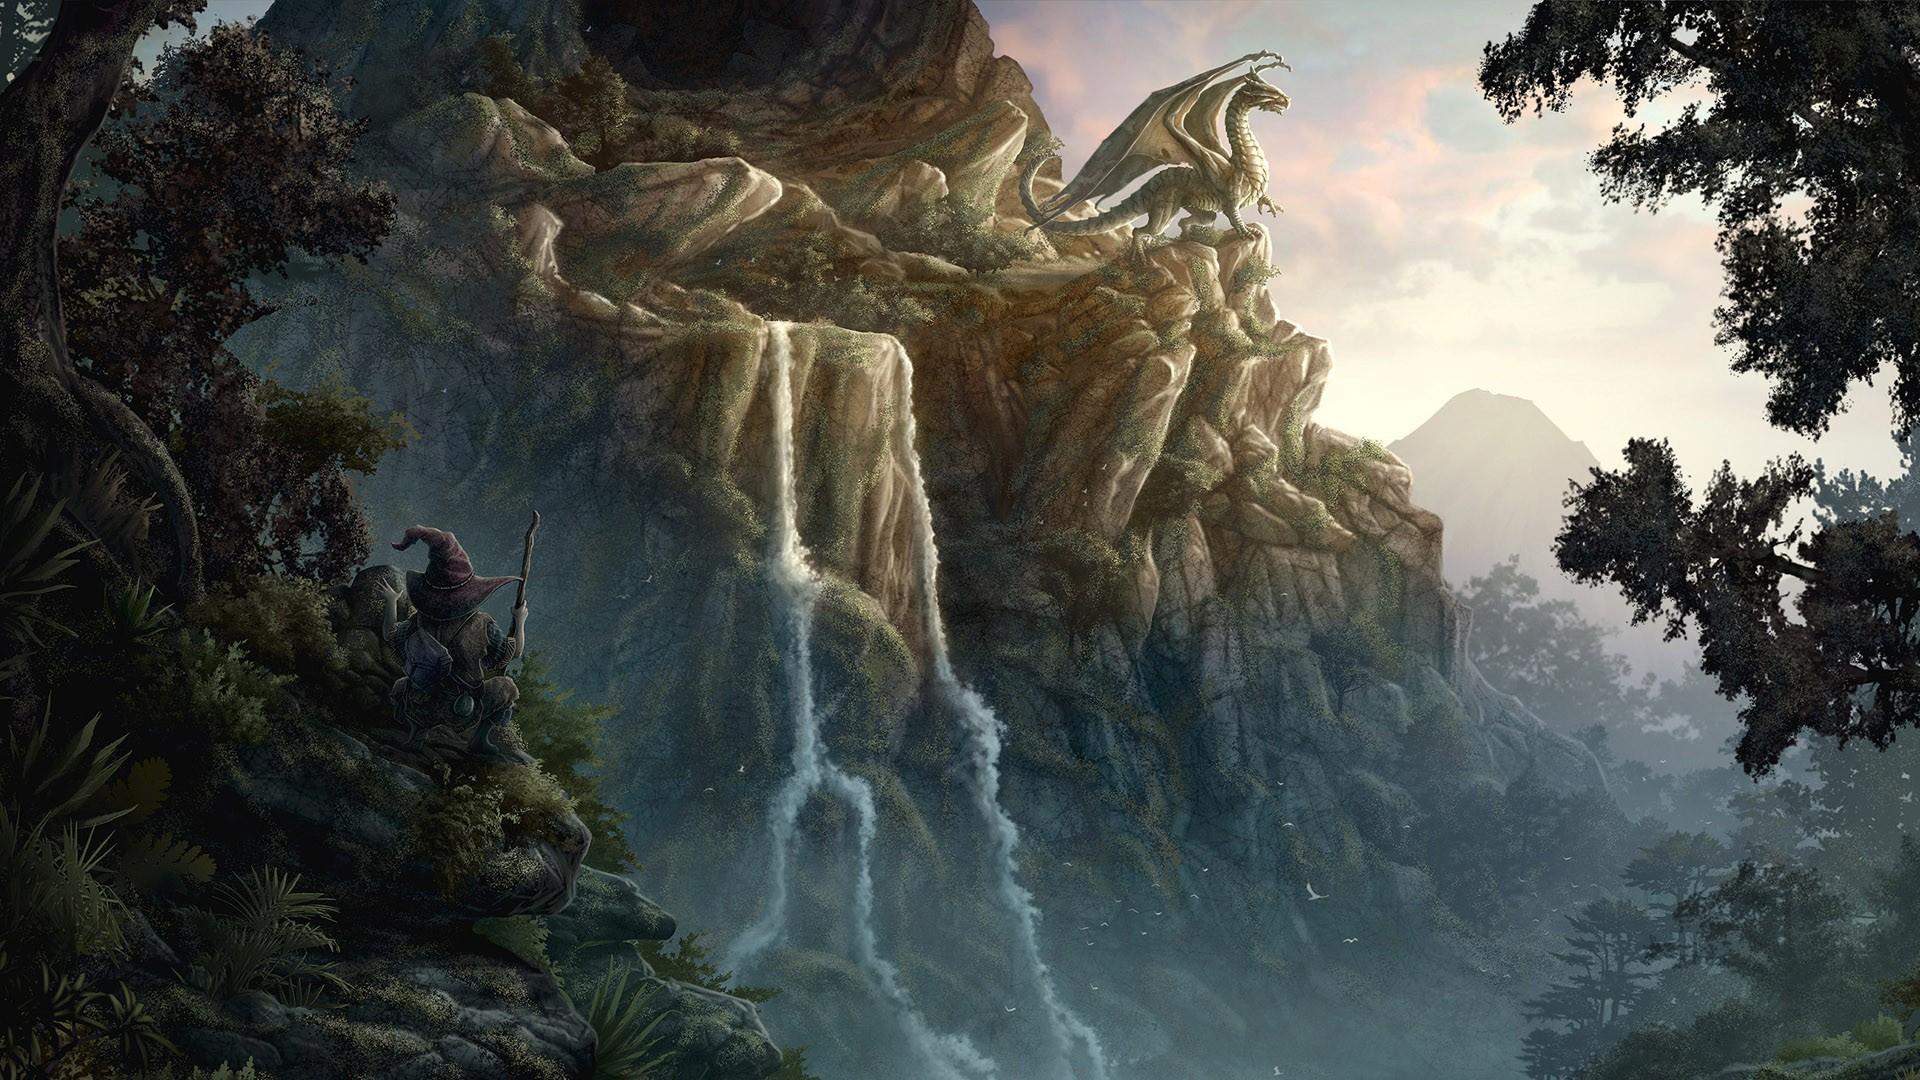 Res: 1920x1080, Fantasy Art Wallpaper